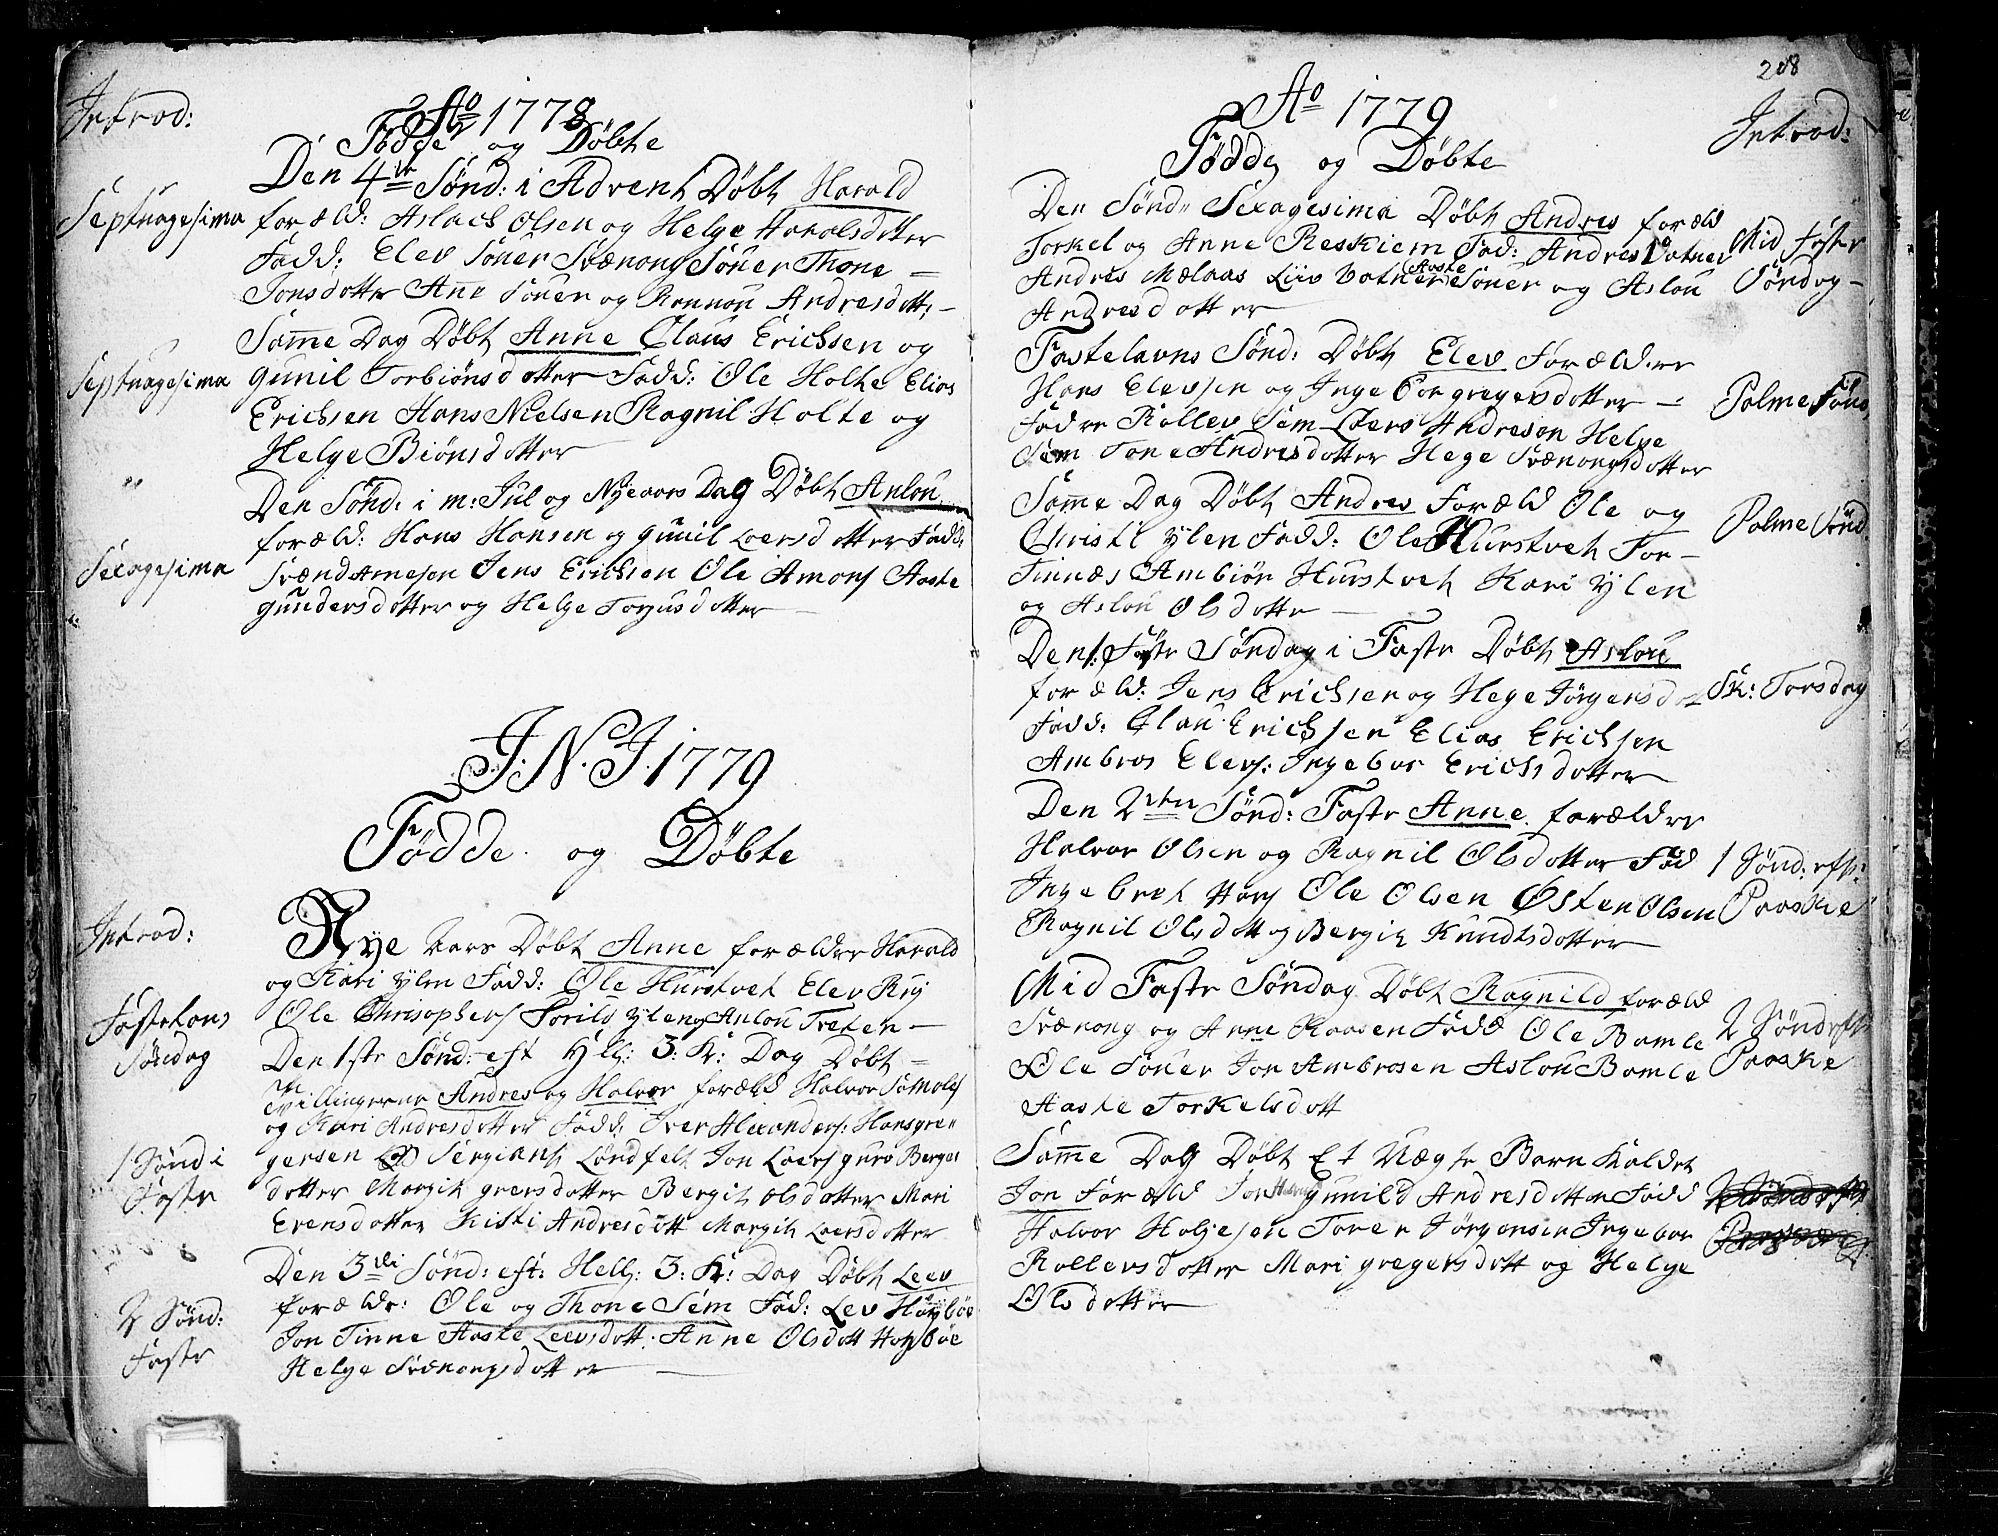 SAKO, Heddal kirkebøker, F/Fa/L0003: Ministerialbok nr. I 3, 1723-1783, s. 208